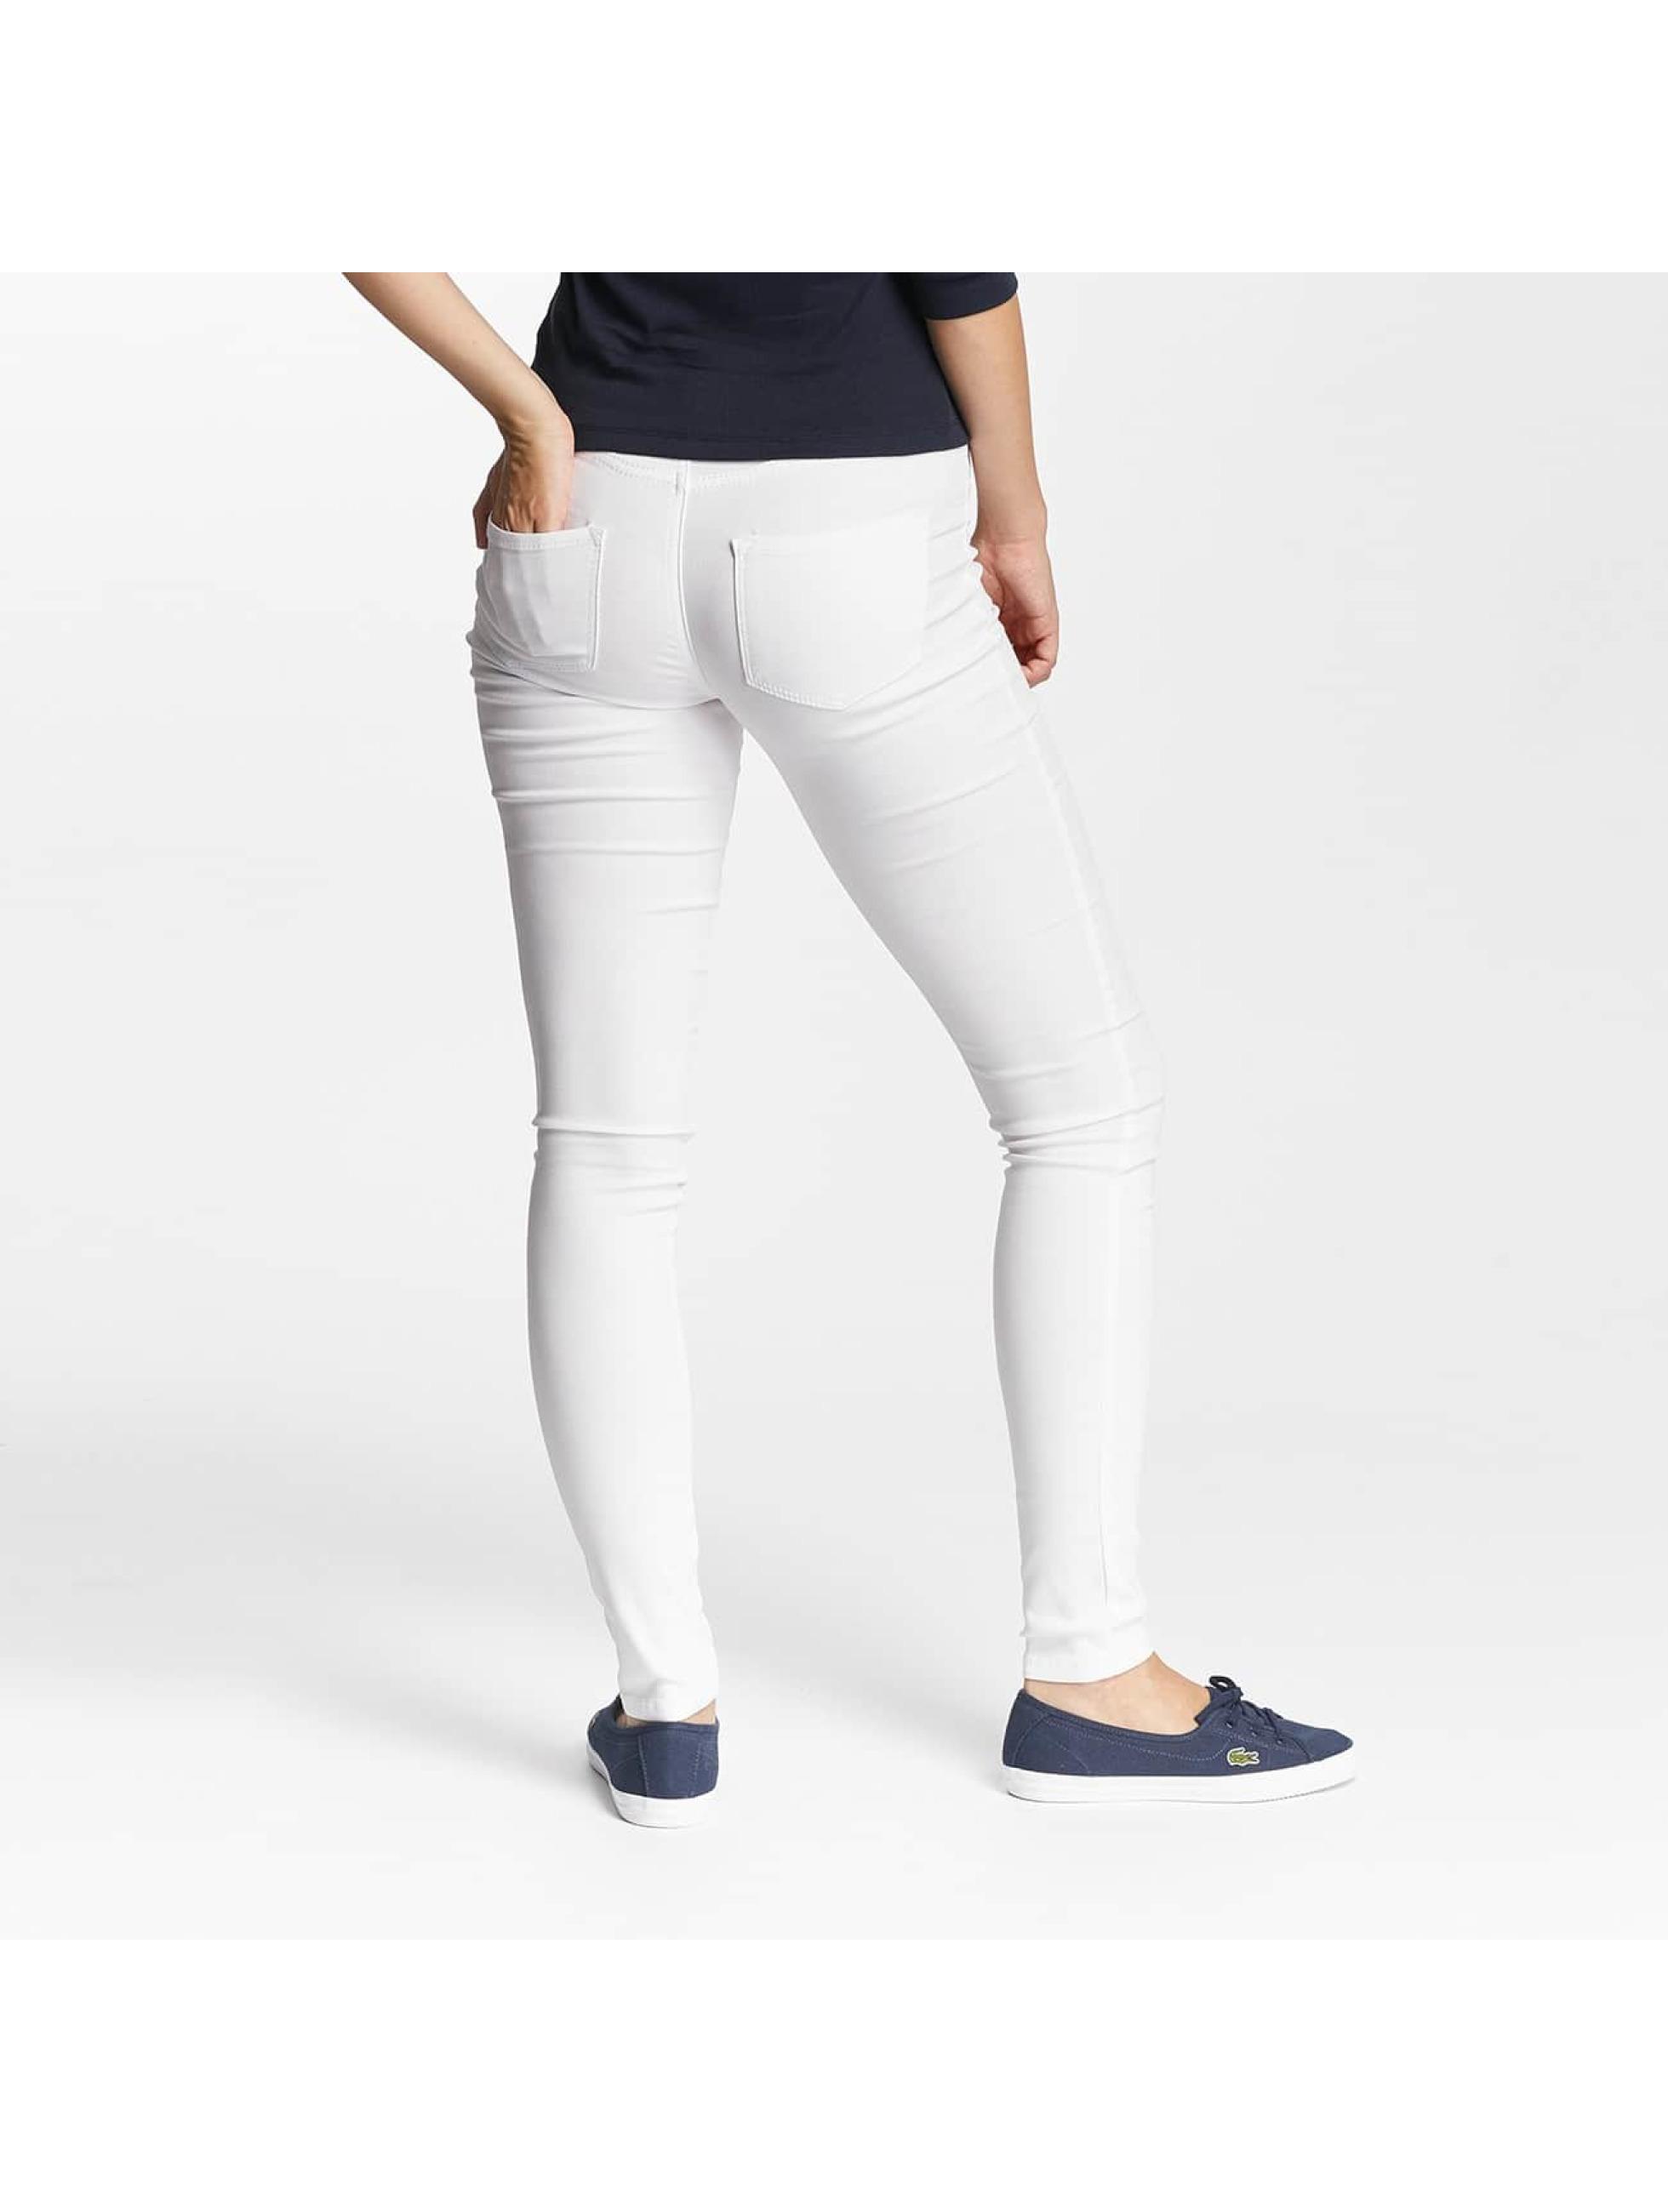 Pieces Legging/Tregging pcJust white